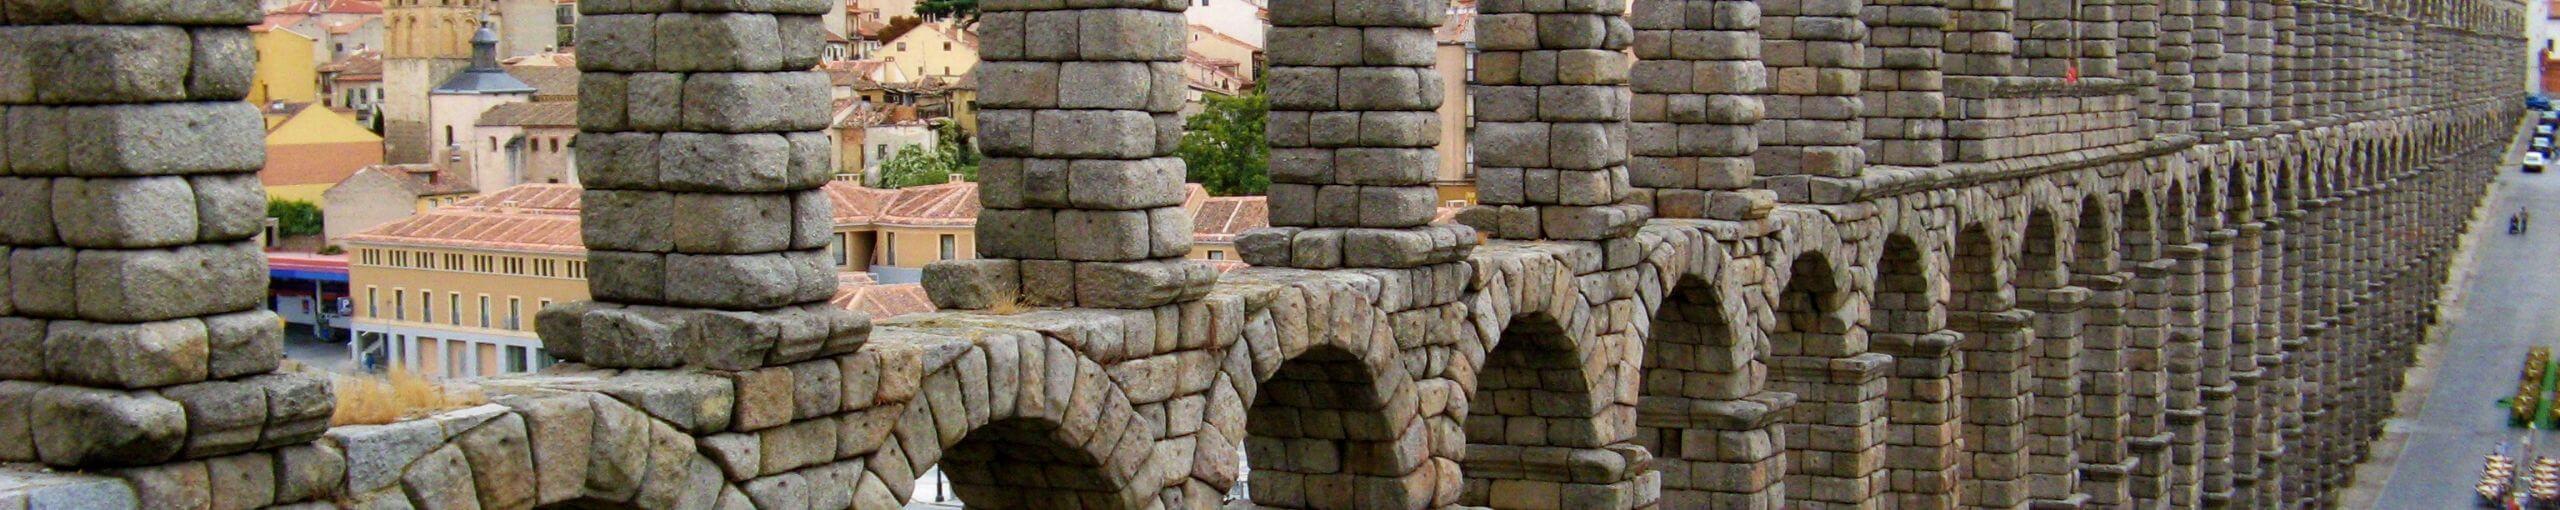 Acueducto de Segovia. Castilla y León.